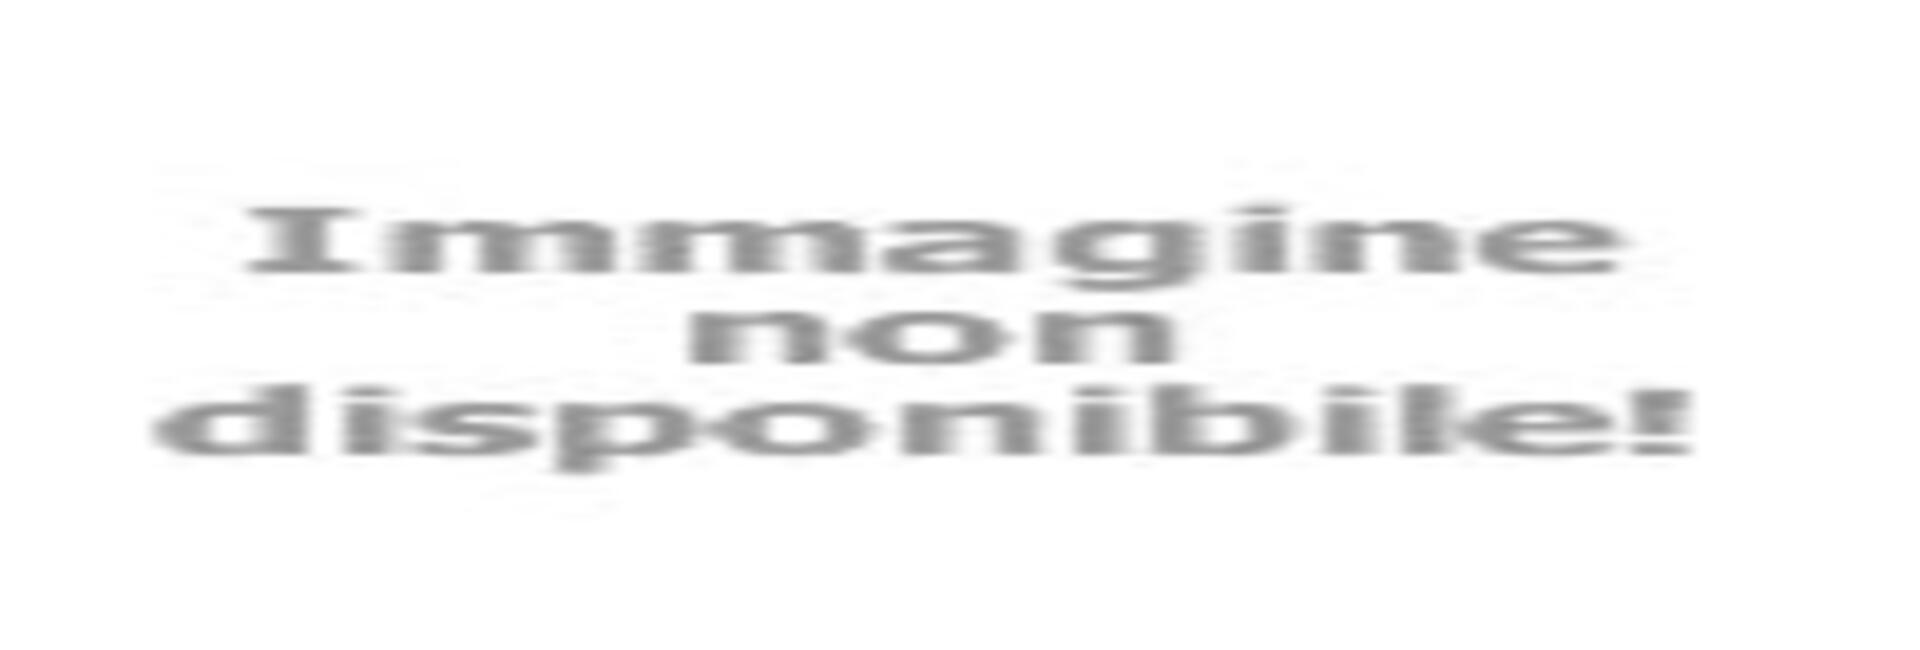 losangeleshotelriccione it vacanze-di-giugno-all-inclusive-a-riccione 004